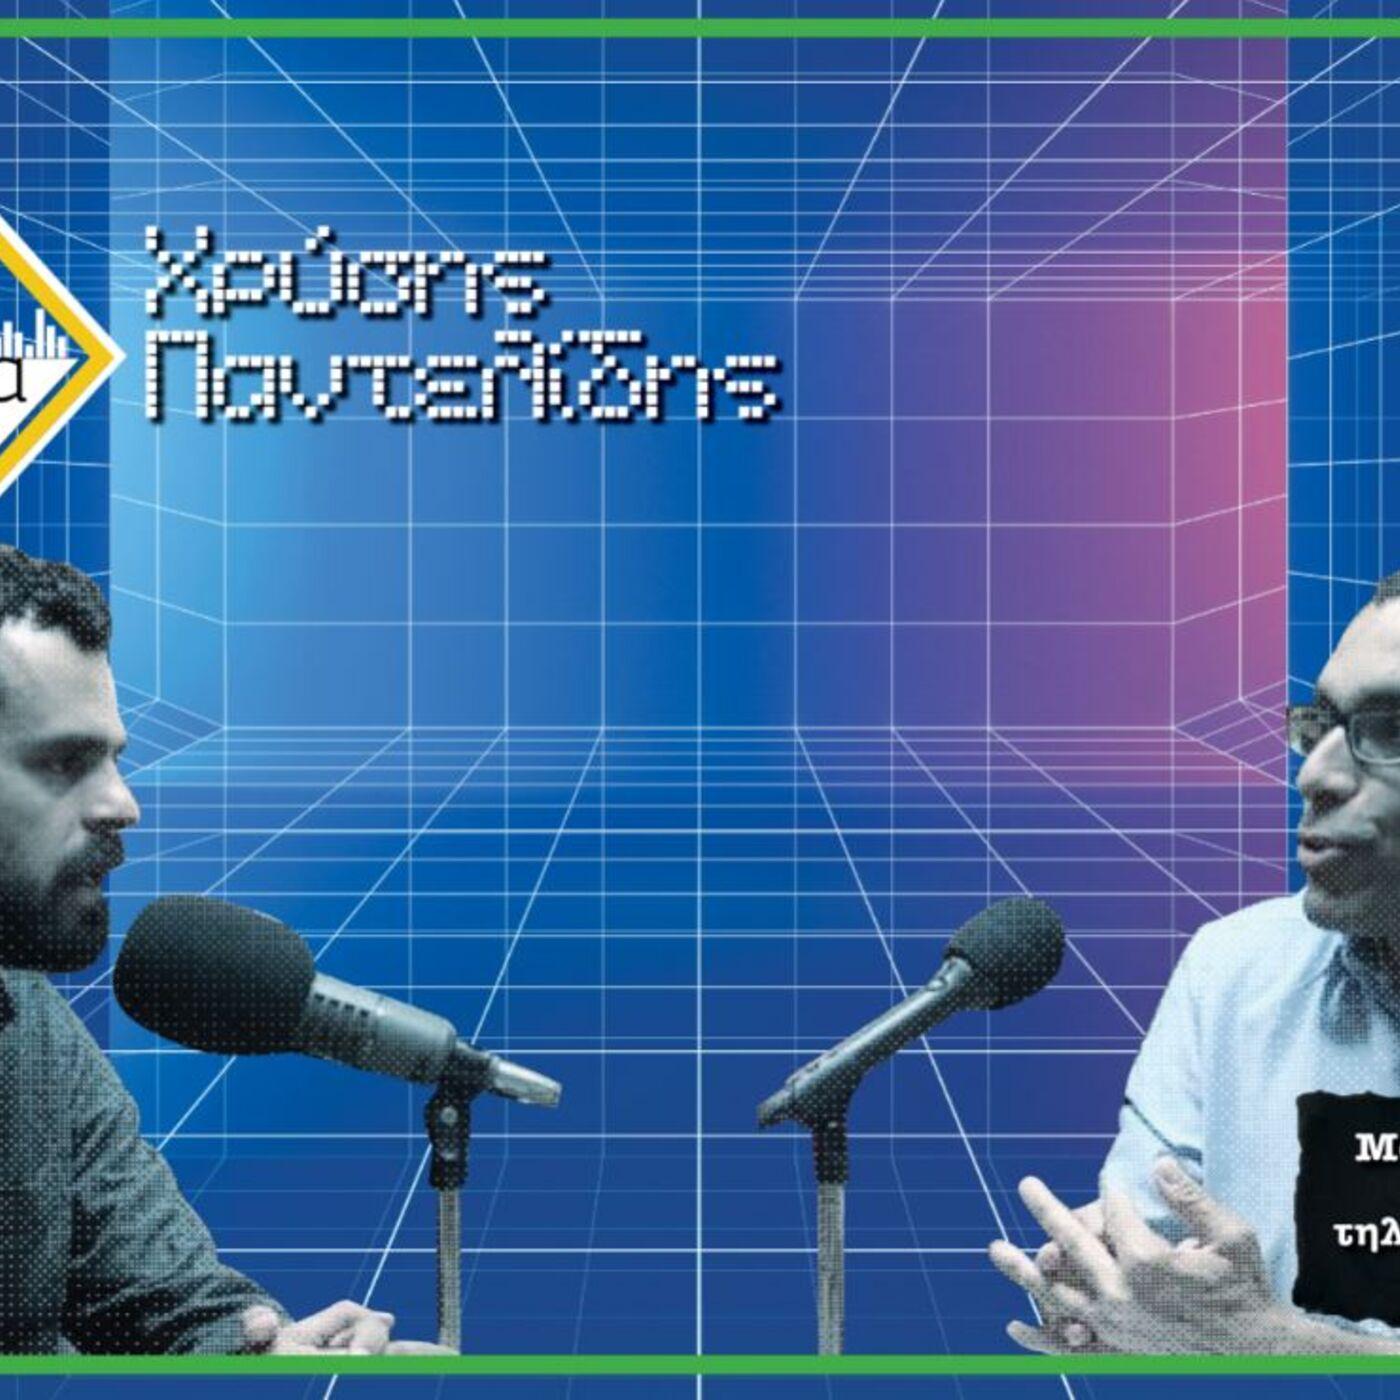 """Ξεσκεπάσματα #004: «Μόνο ένοχα μυαλά είδαν ρουσφέτι πίσω από τον """"Μάκη""""» - Χρύσης Παντελίδης"""